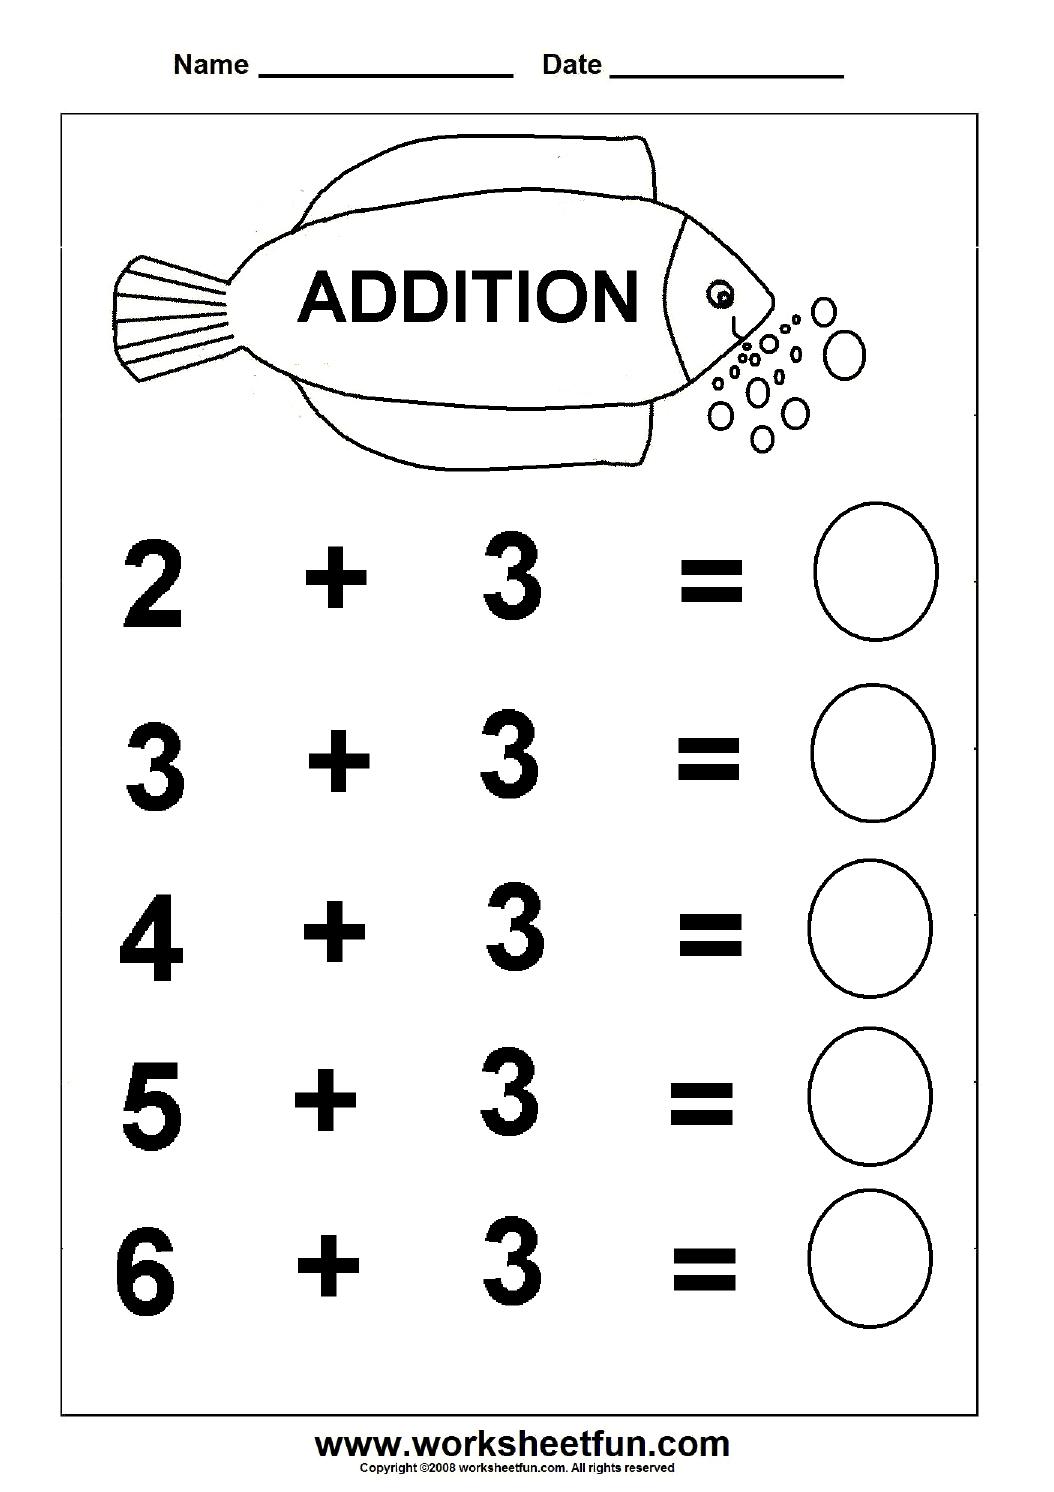 Beginner Addition – 6 Kindergarten Addition Worksheets  Free Along With Free Addition Worksheets For Kindergarten